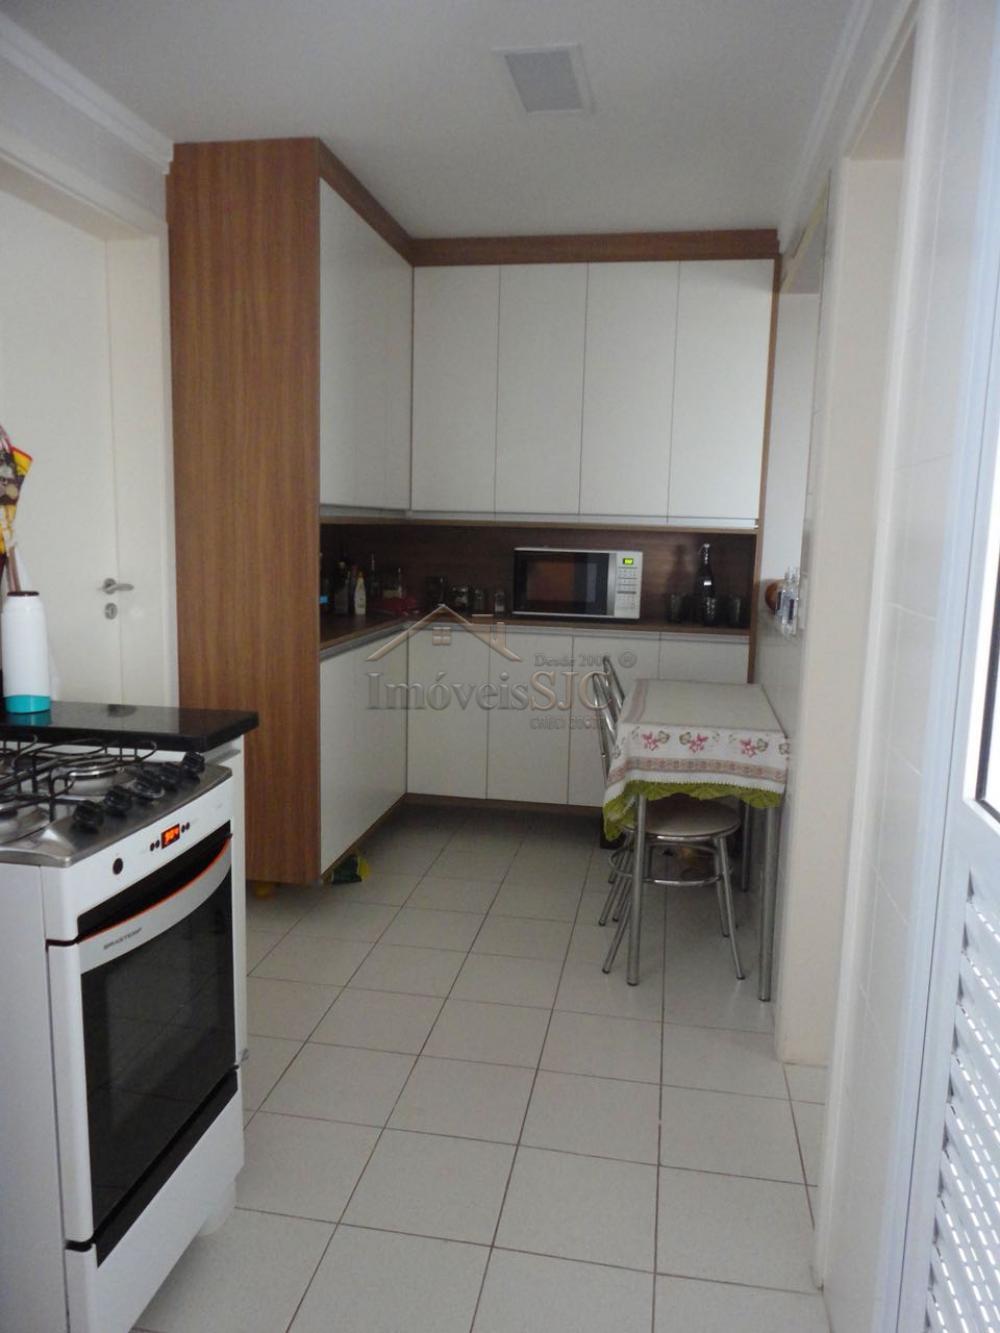 Comprar Apartamentos / Padrão em São José dos Campos apenas R$ 670.000,00 - Foto 4